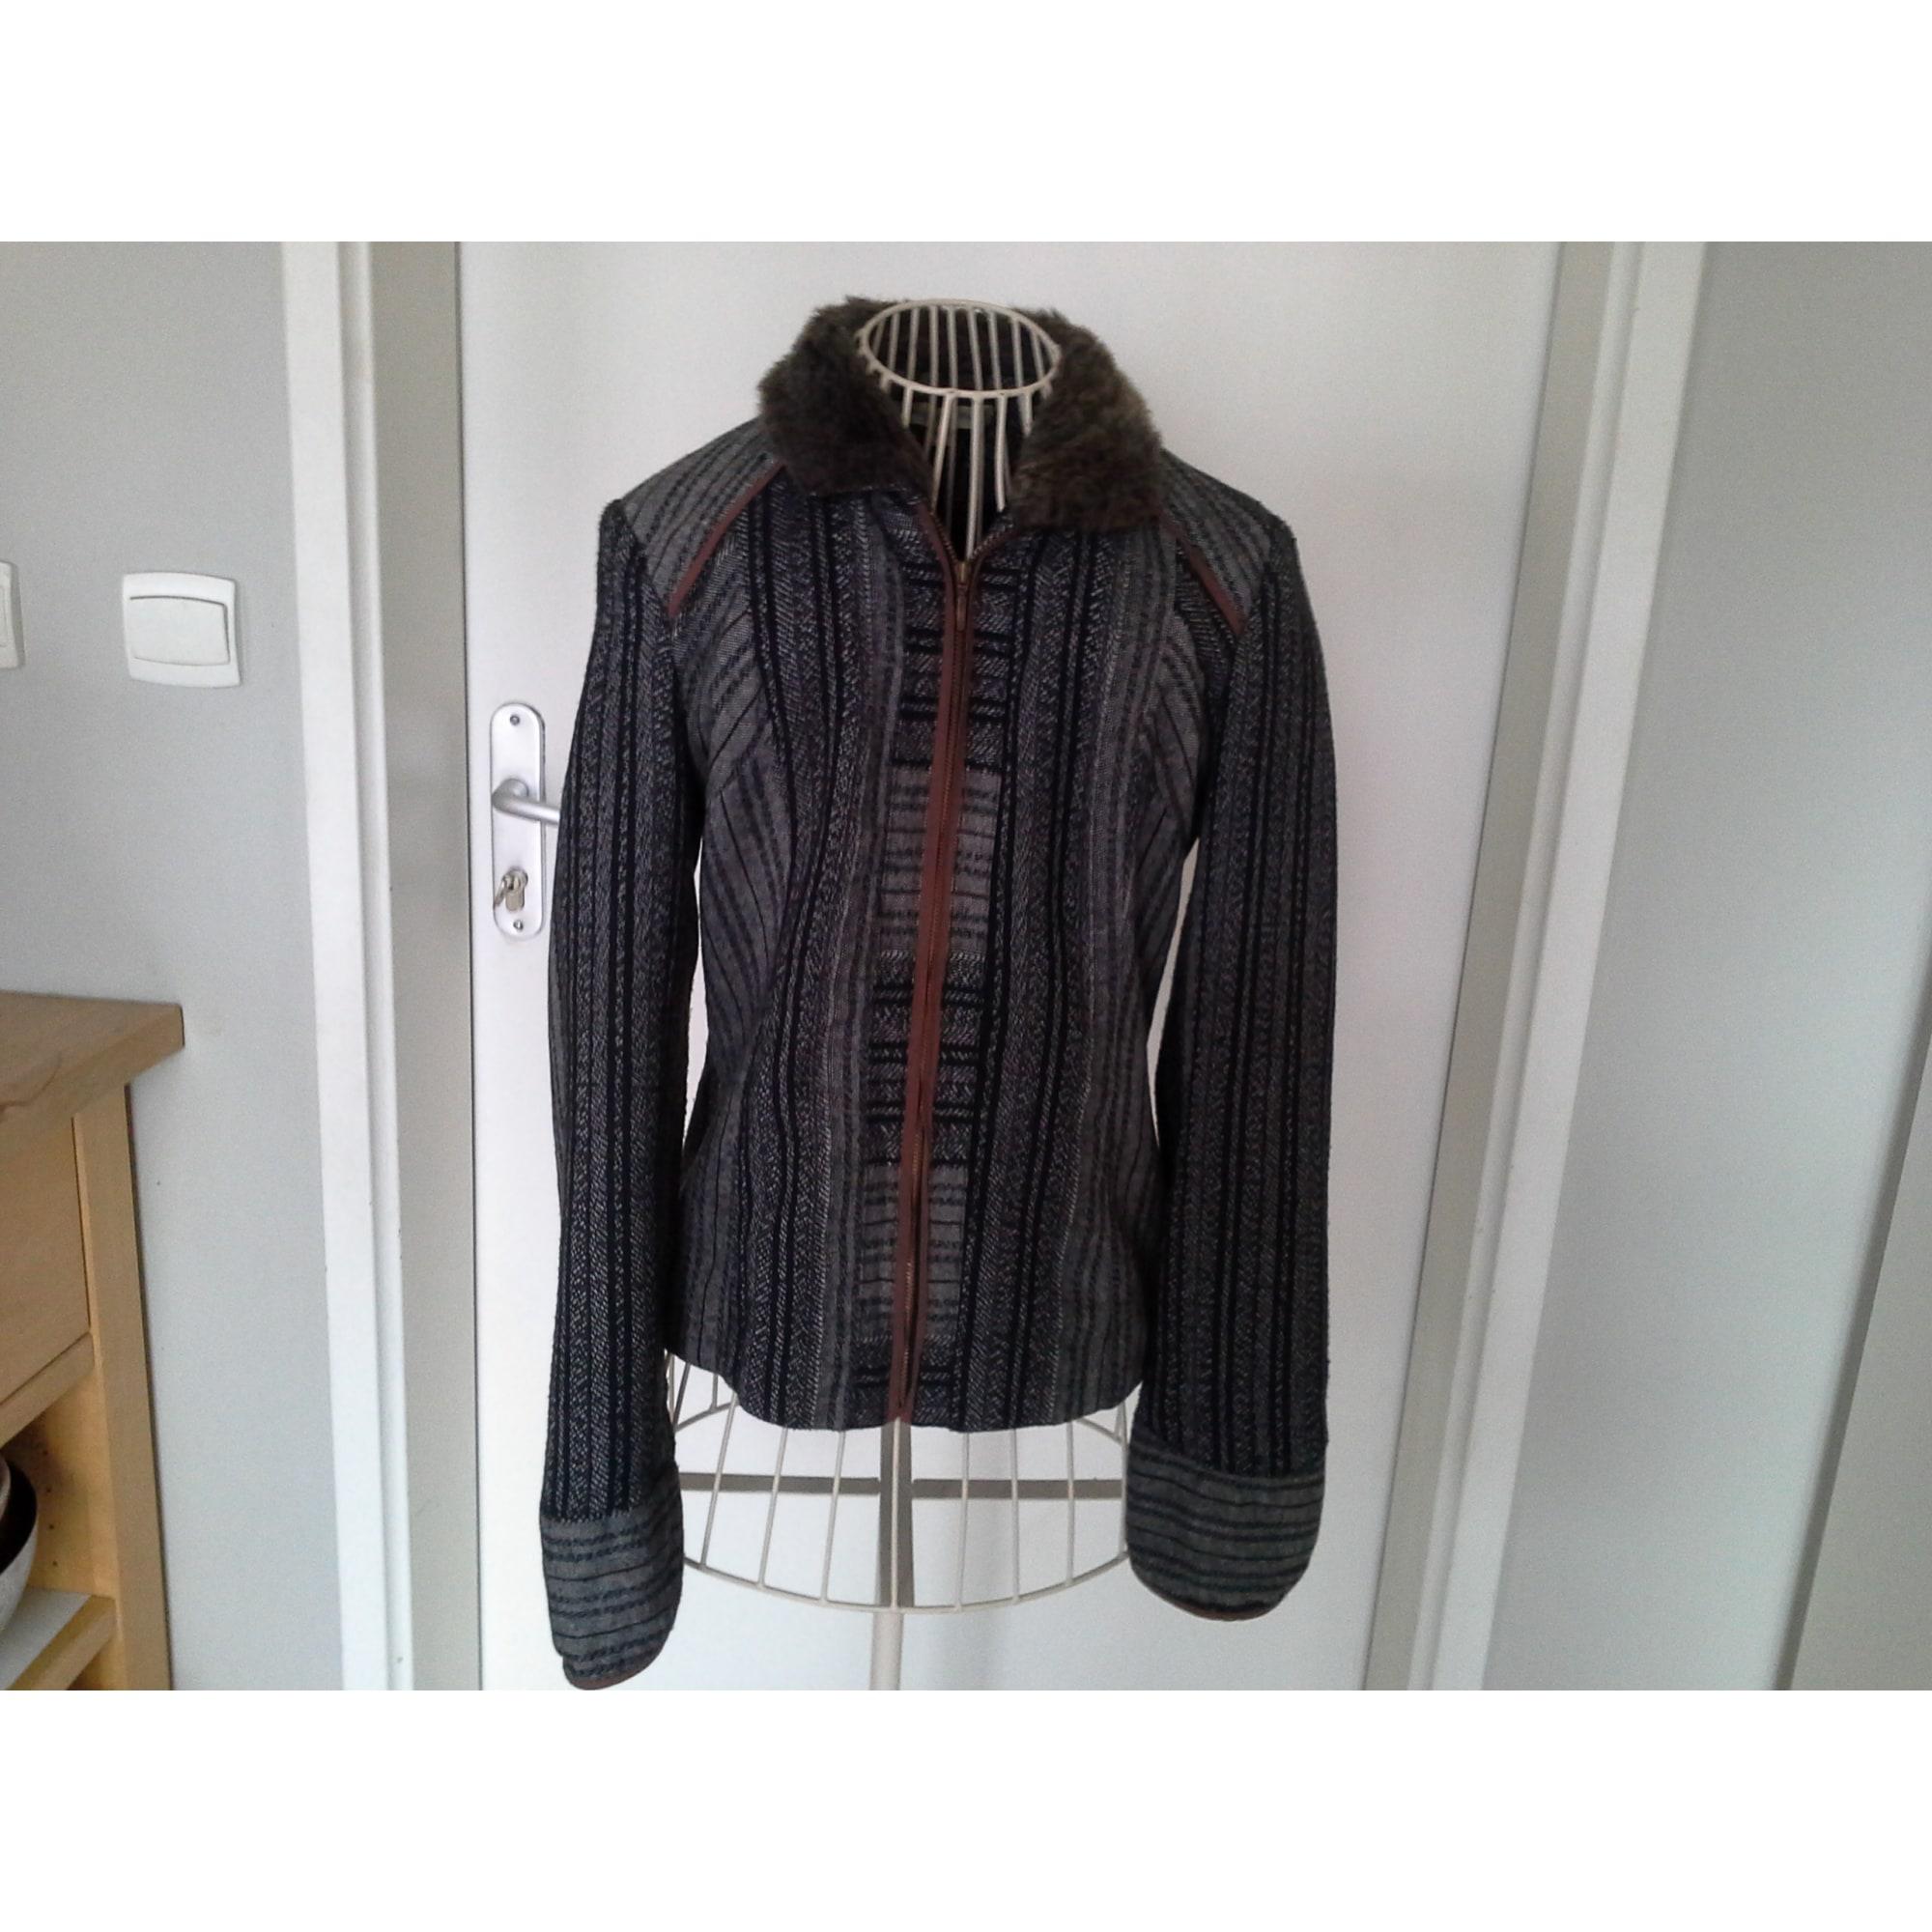 1538466cd683 Blazer, veste tailleur JACQUELINE RIU 36 (S, T1) gris - 4365943